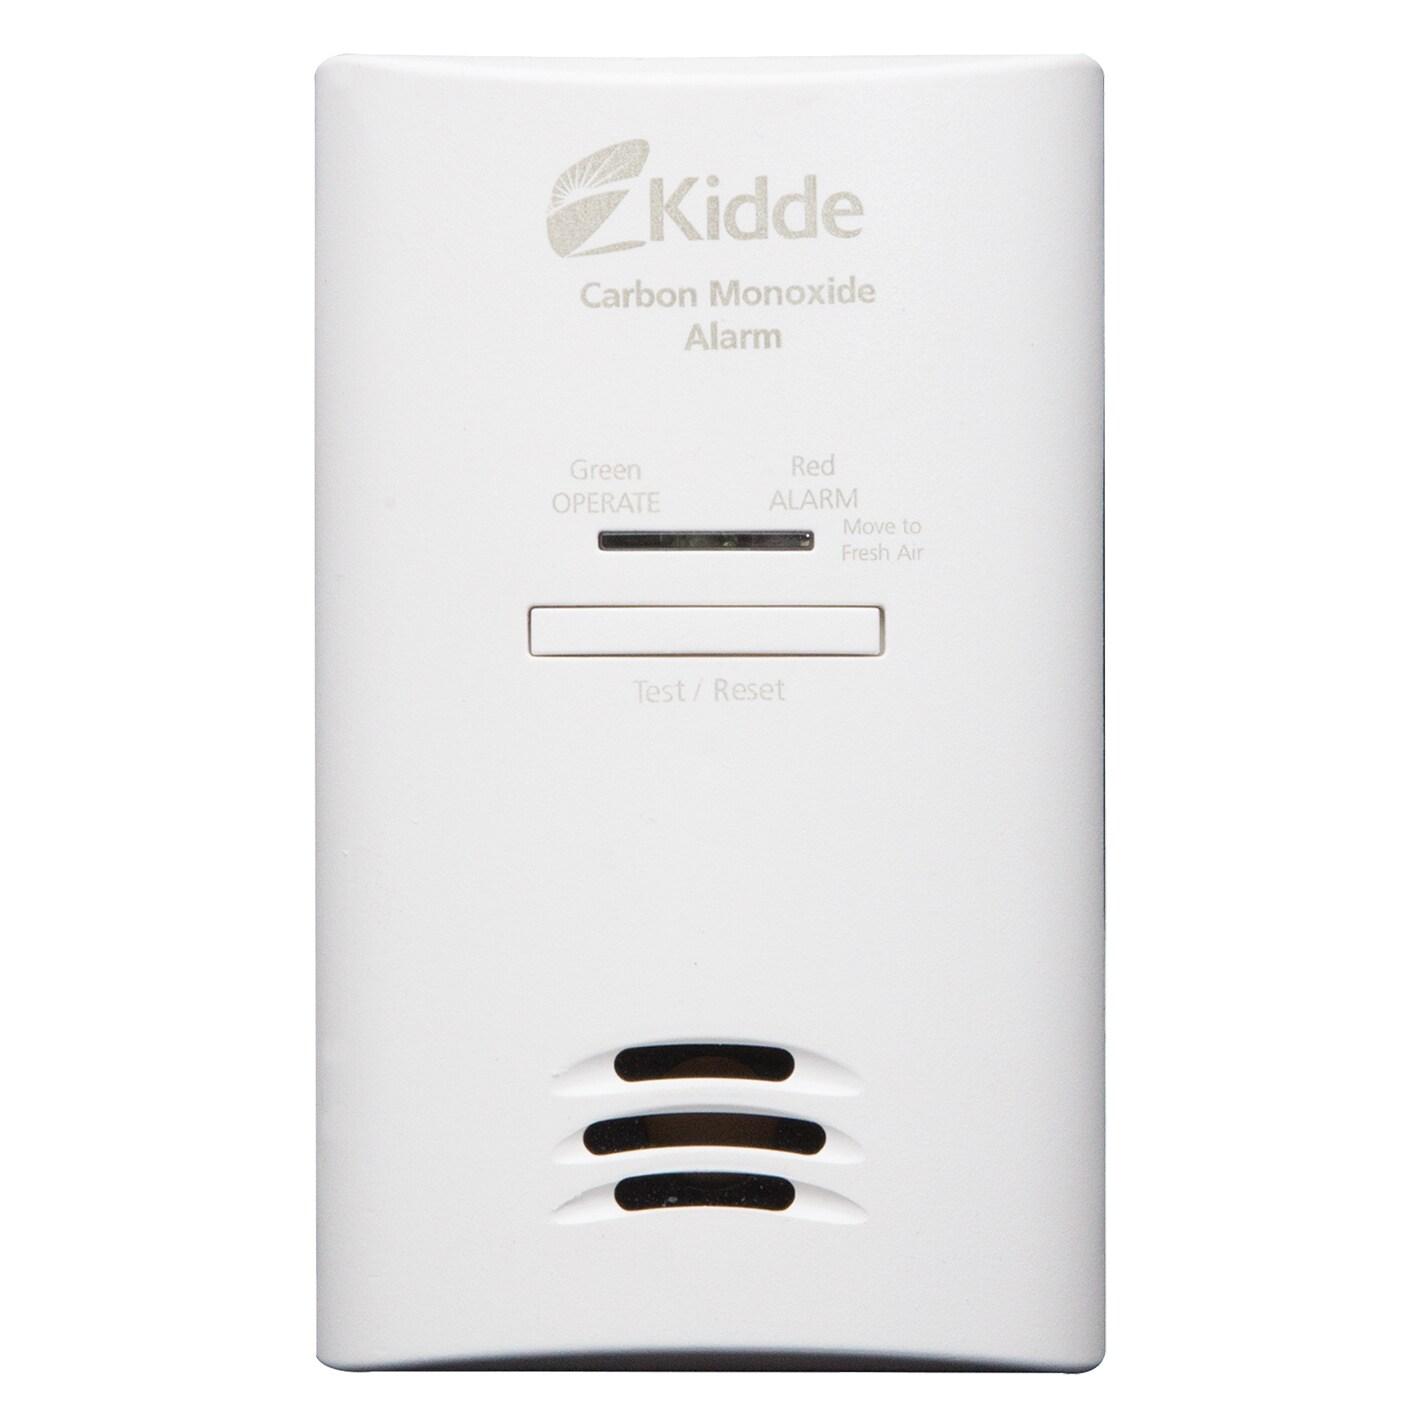 Kidde Ac/Dc Plug-In Carbon Monoxide Detector With 9-Volt Battery Backup 21025759